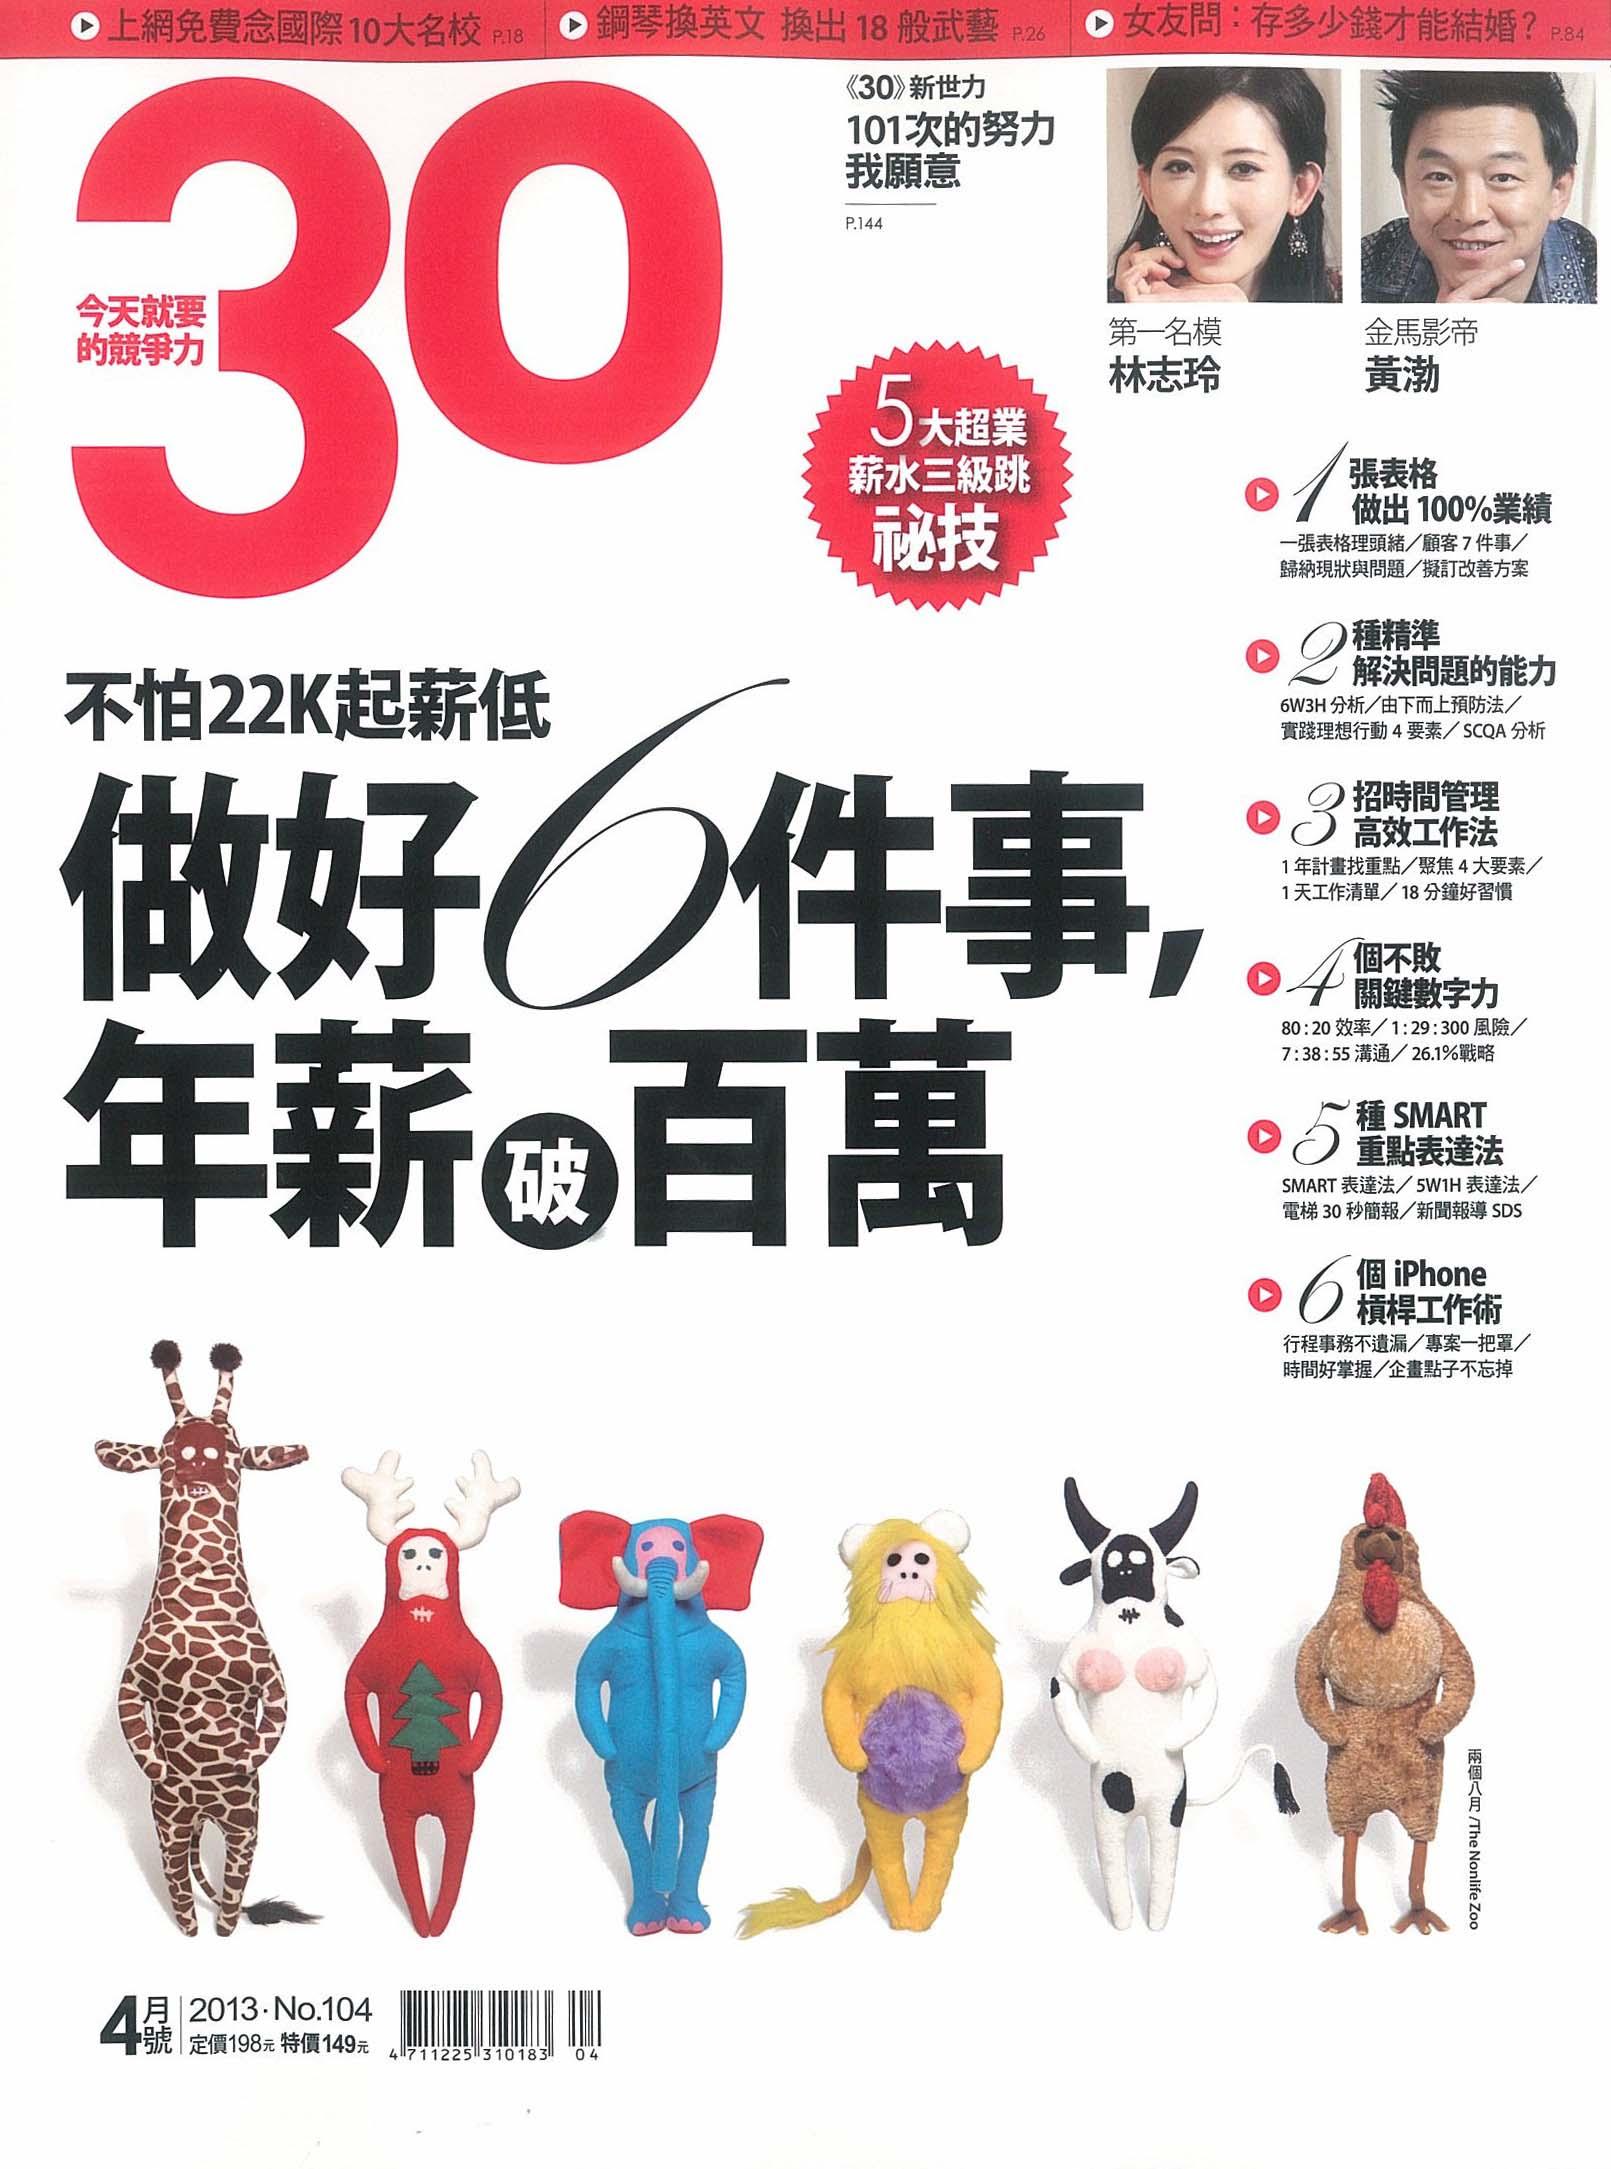 MG露出_2013.04.01_《101次求婚》_30雜誌_專訪黃渤、林志玲_封面